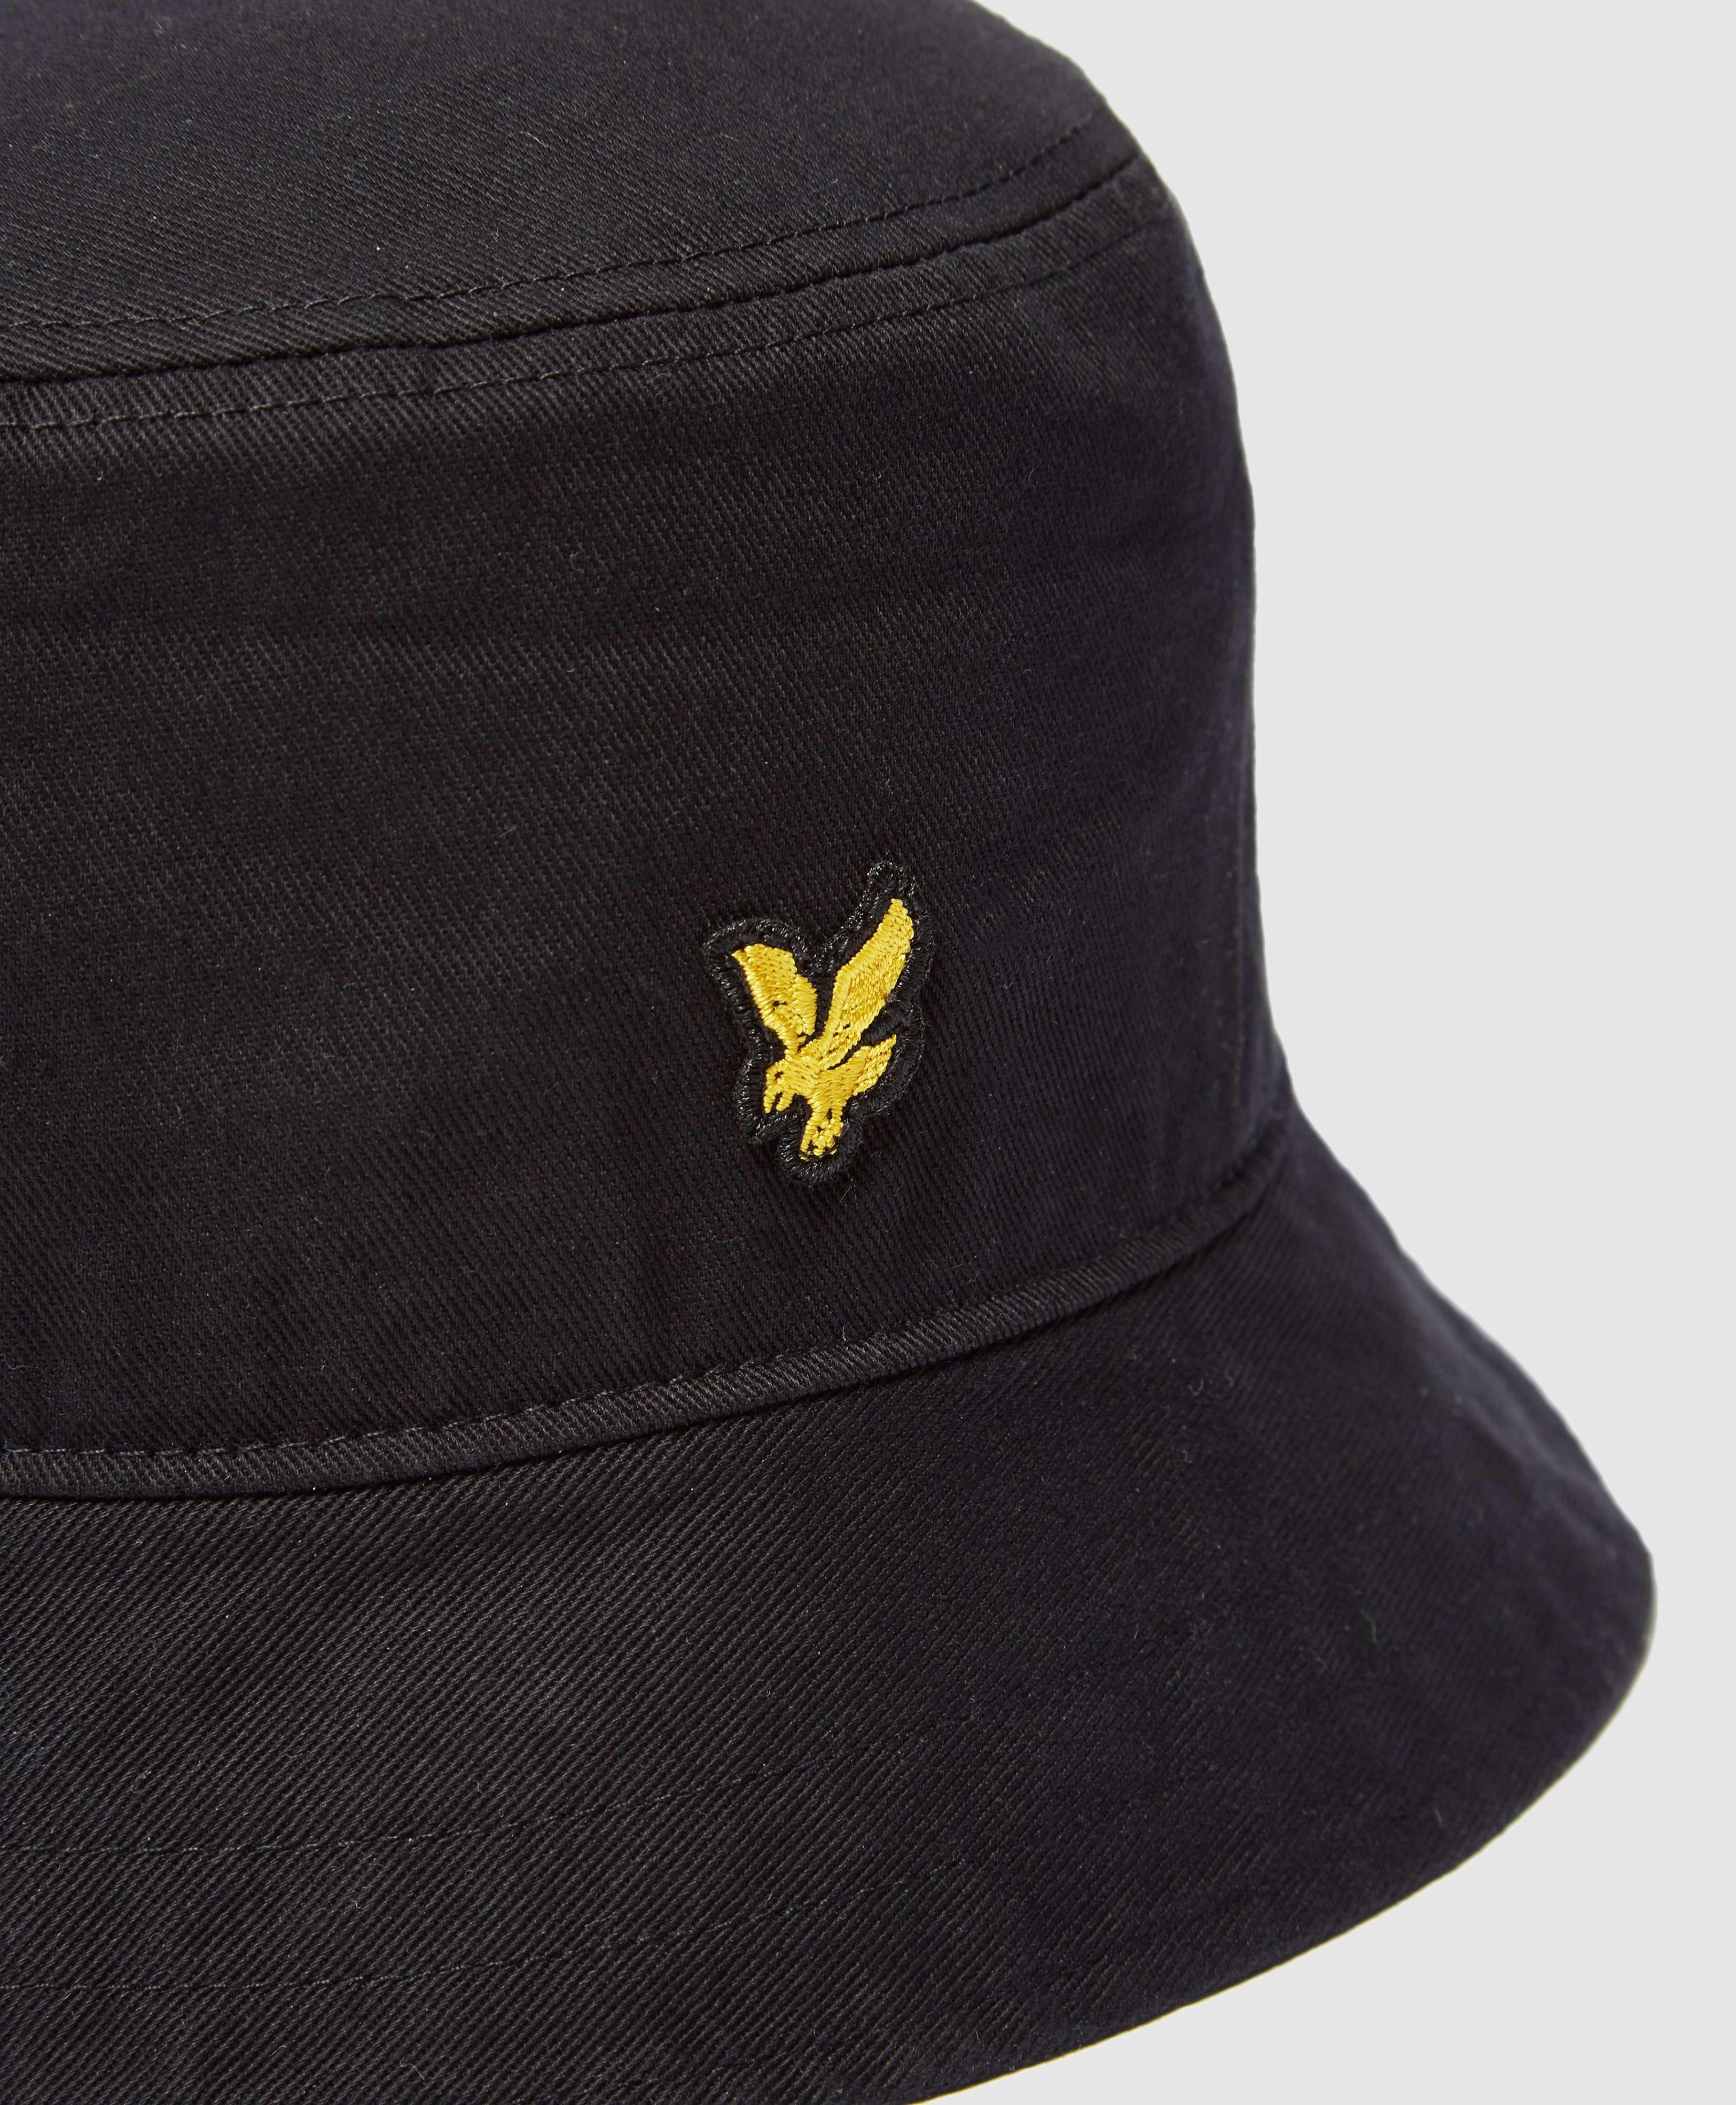 Lyle & Scott Eagle Bucket Hat